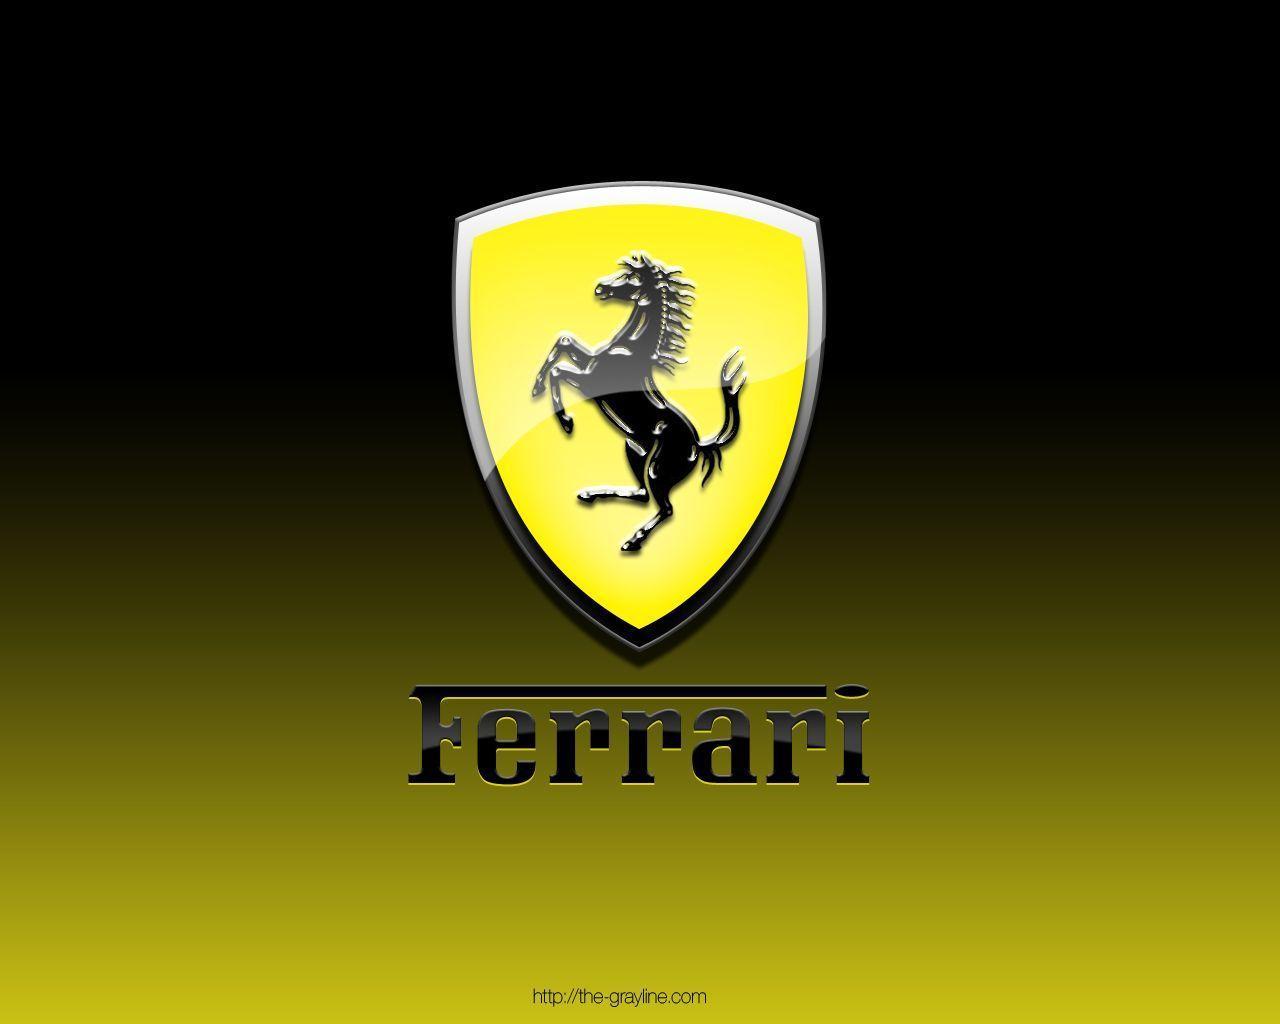 Ferrari Logo Wallpaper For Android Ferrari Logo Live Wallpaper